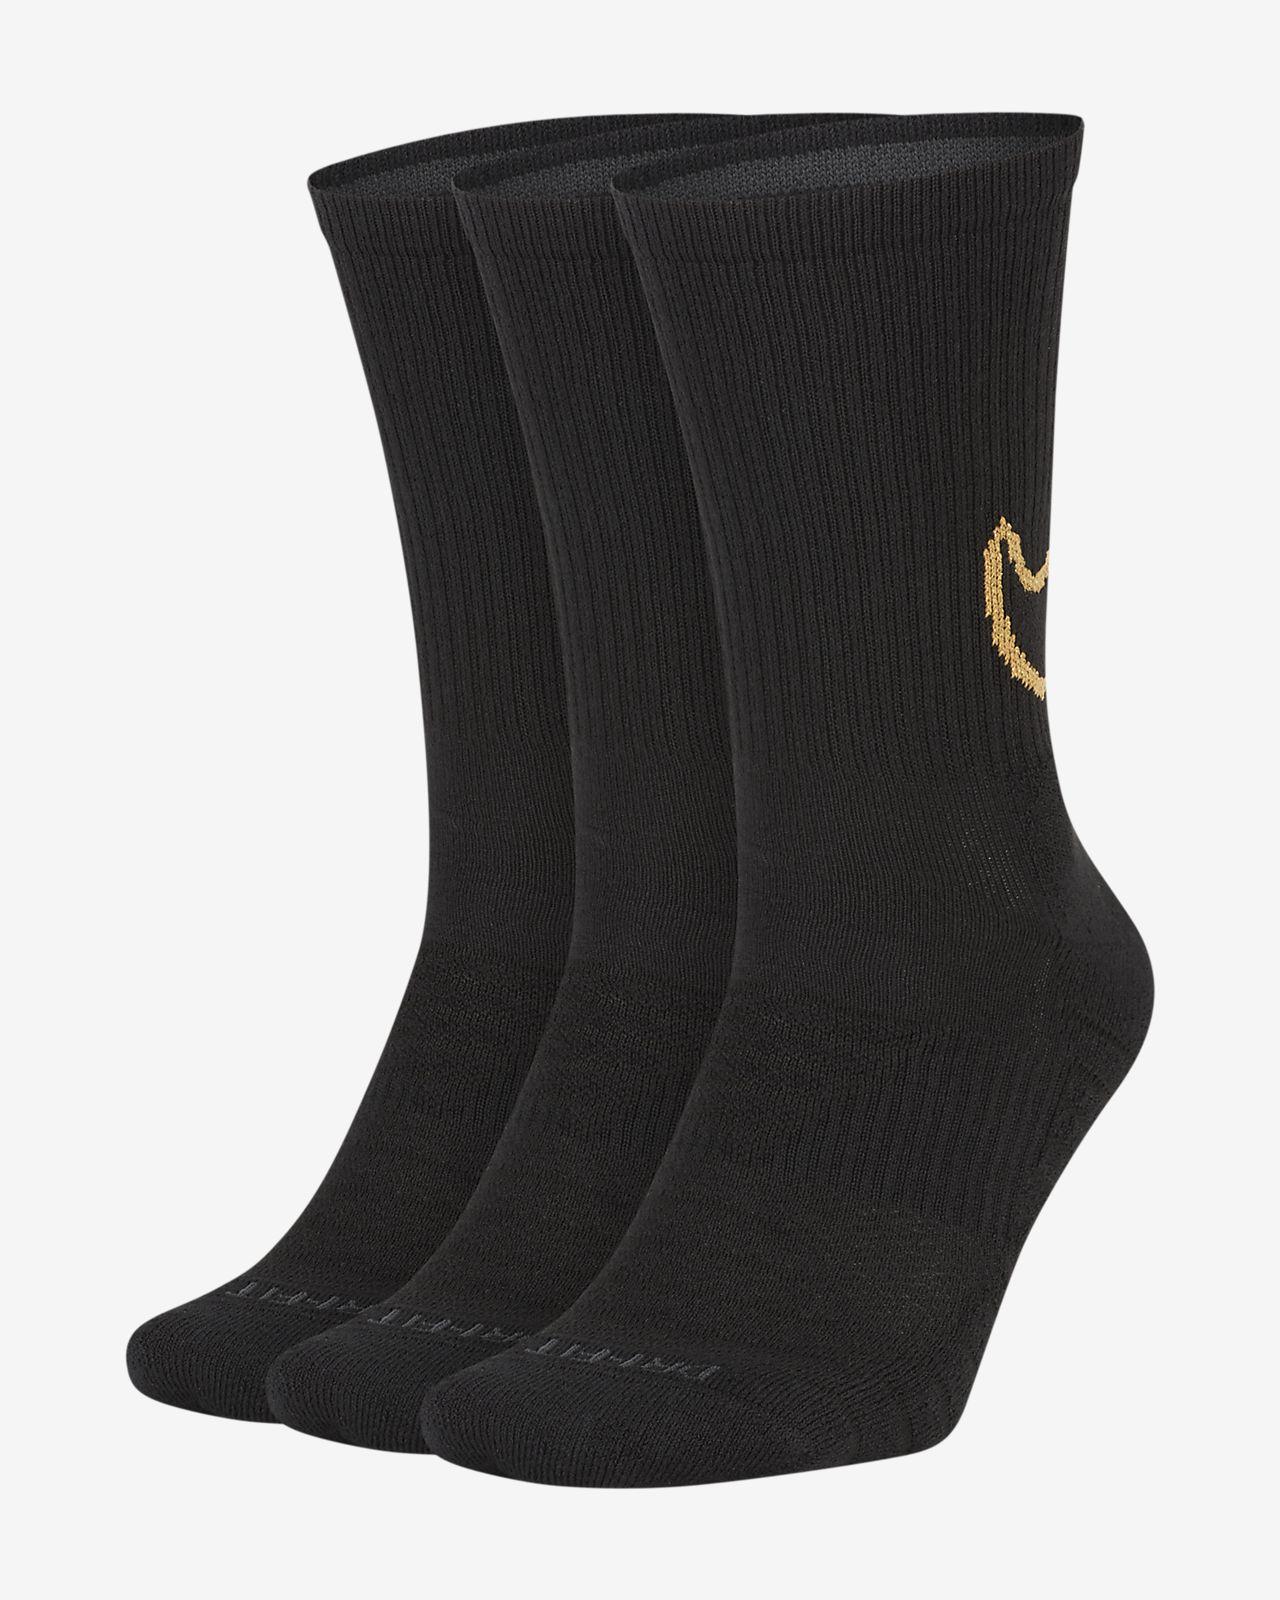 Κάλτσες προπόνησης μεσαίου ύψους με αντικραδασμική προστασία Nike Everyday Max (3 ζευγάρια)